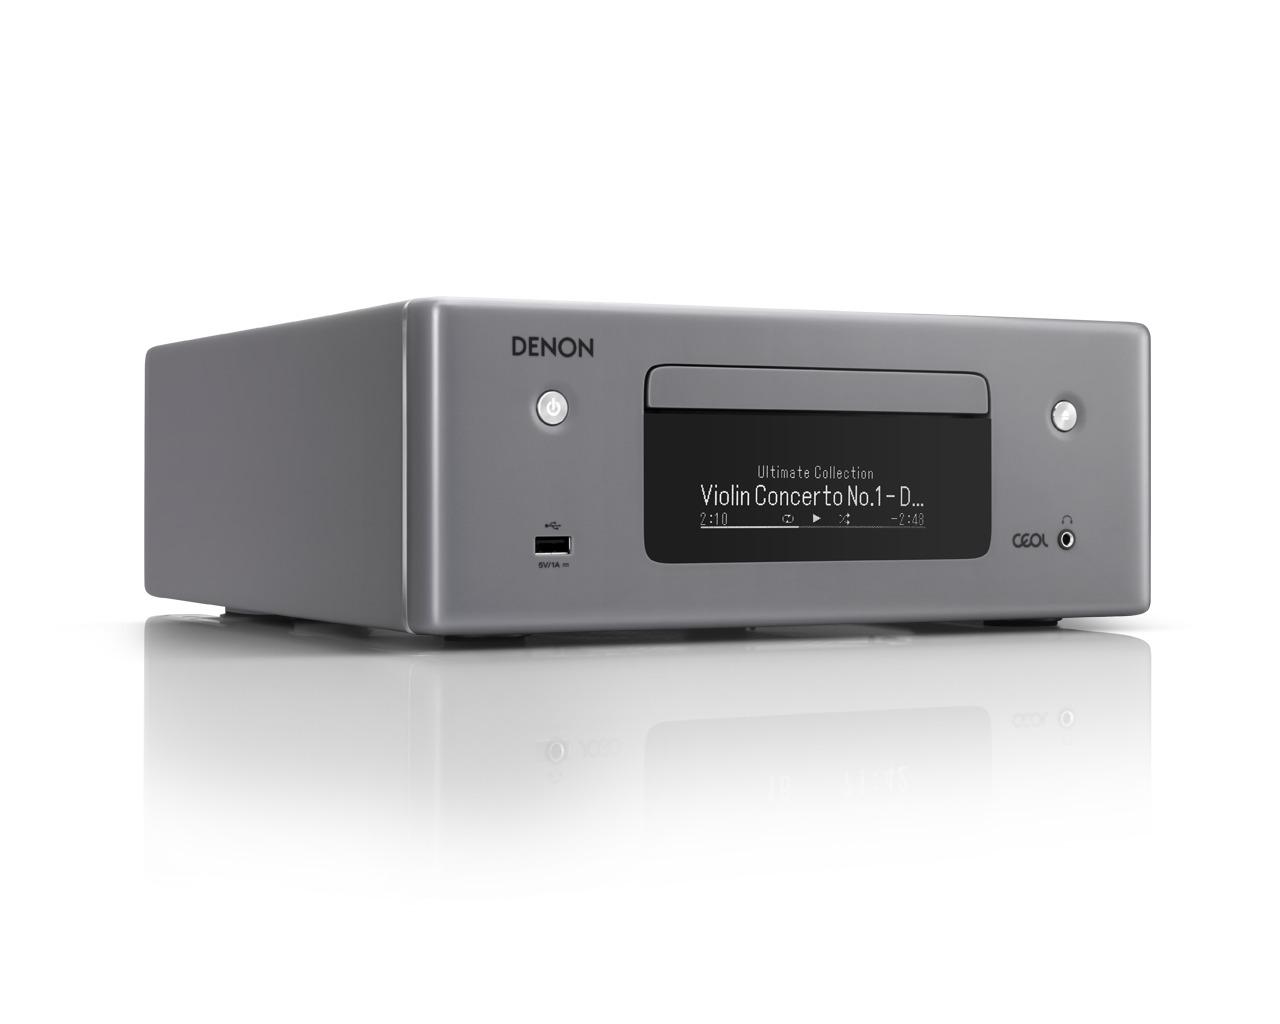 Korting Denon RCDN10GYE2 stereo set